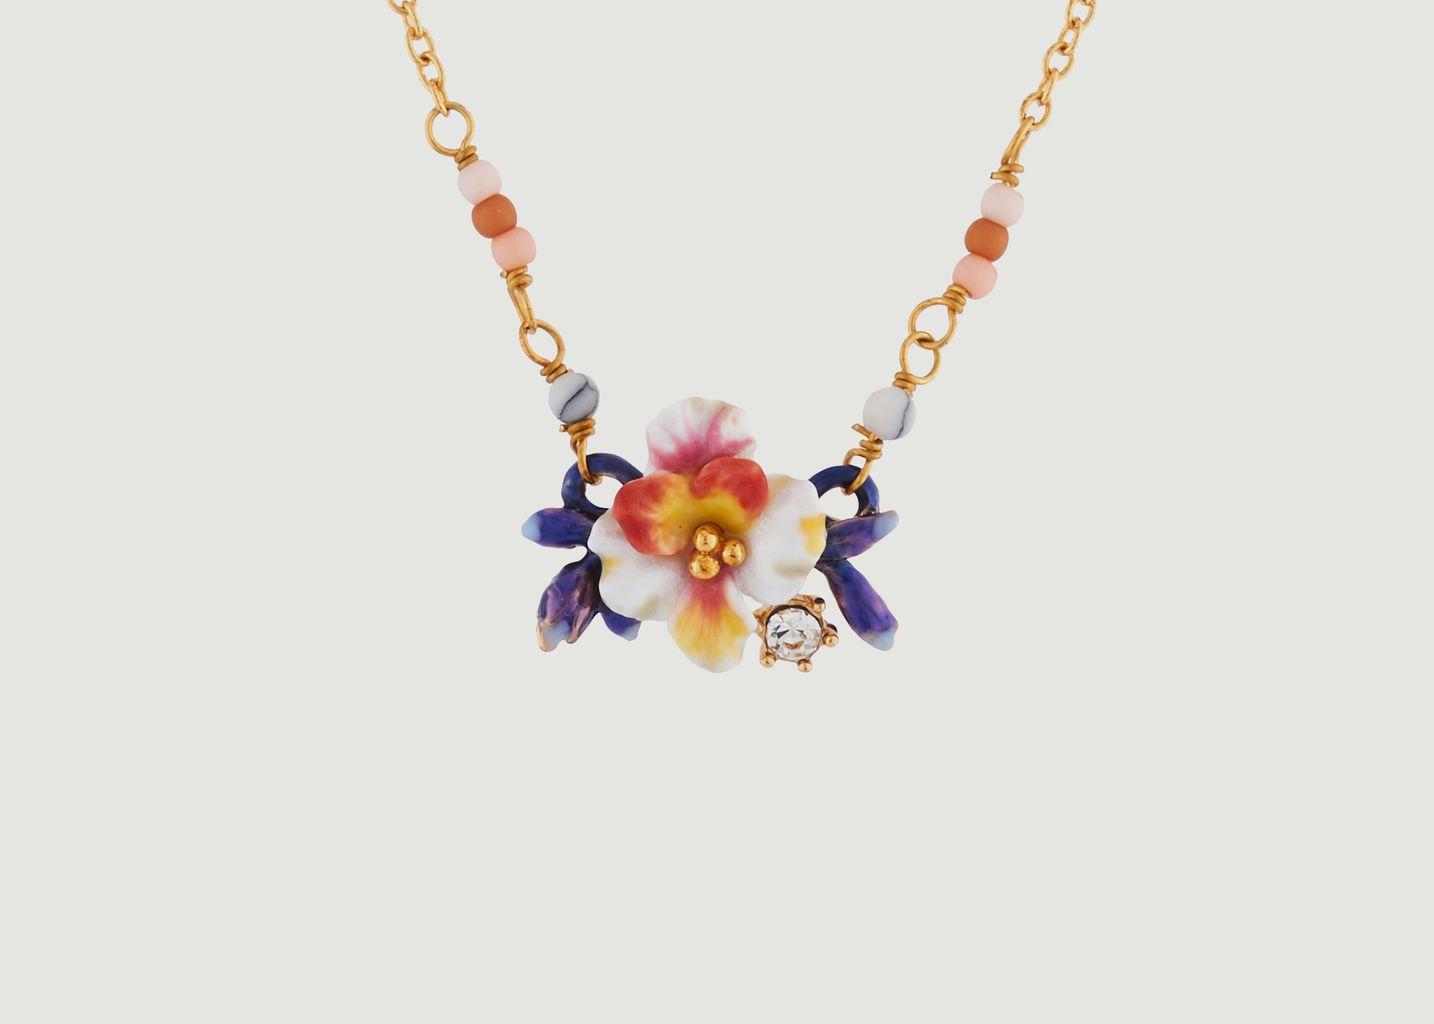 Collier Fleur Blanche et Boutons Bleus - Les Néréides